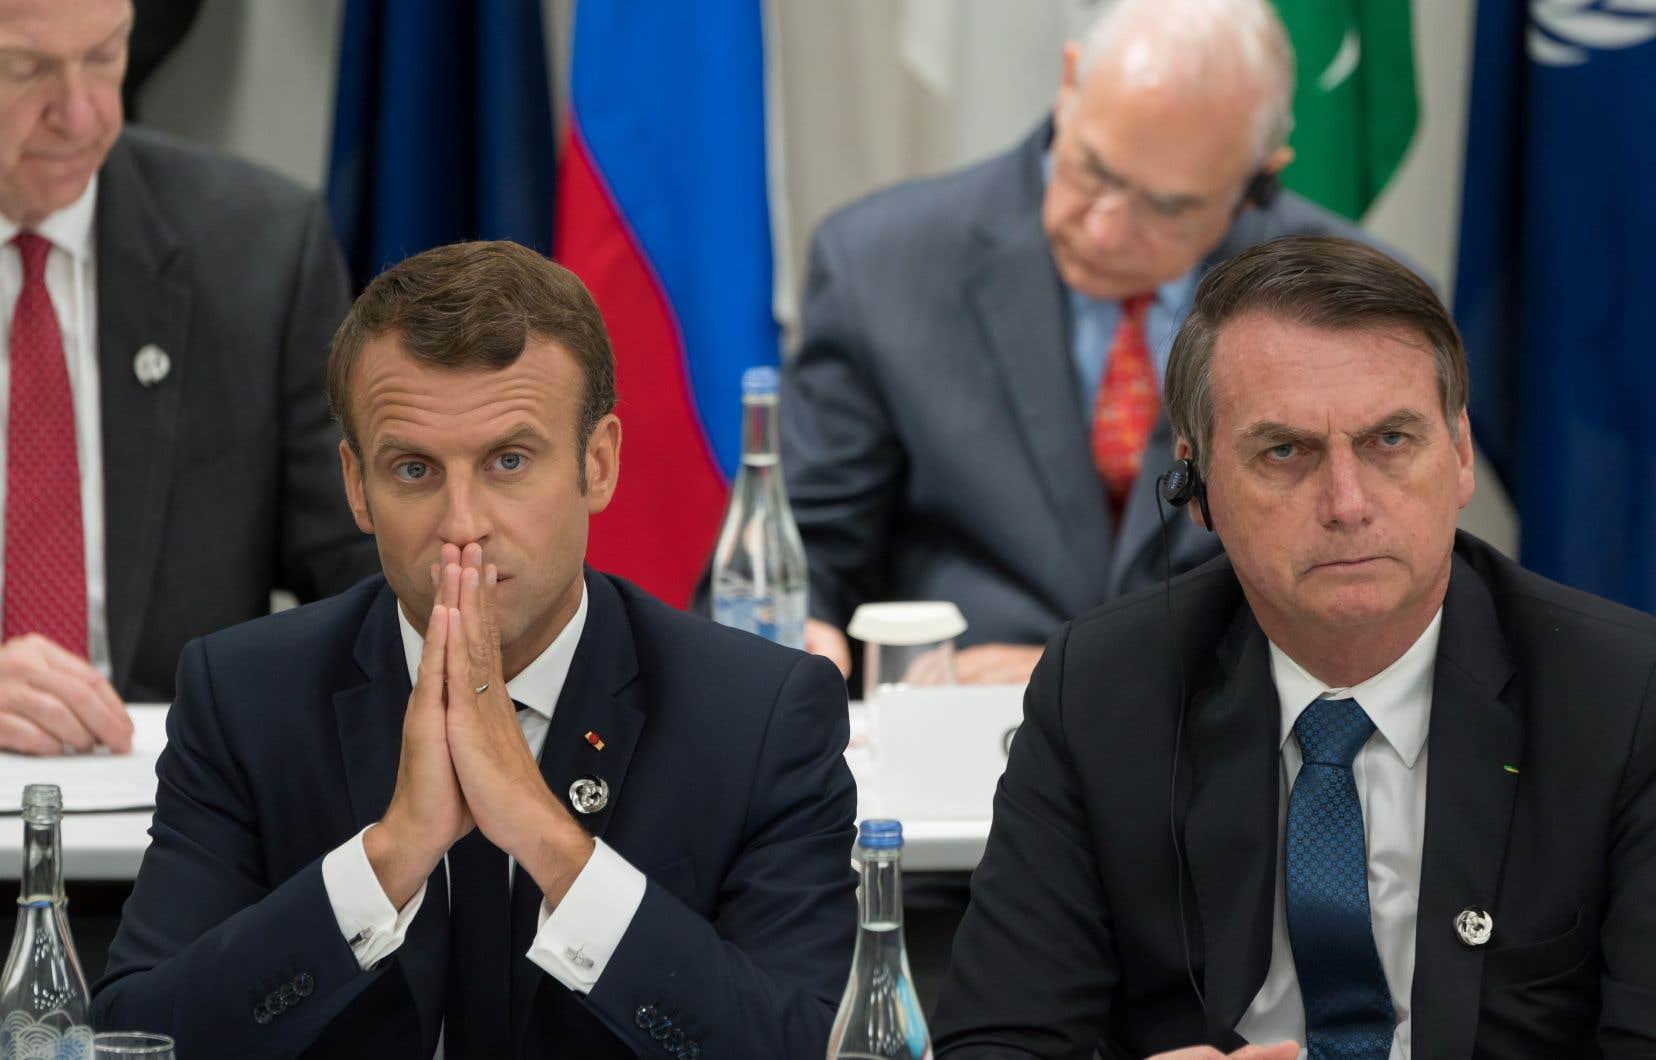 Ces attaques personnelles entre Emmanuel Macron et Jair Bolsonaro marquent une très nette escalade dans les tensions entre les deux pays.